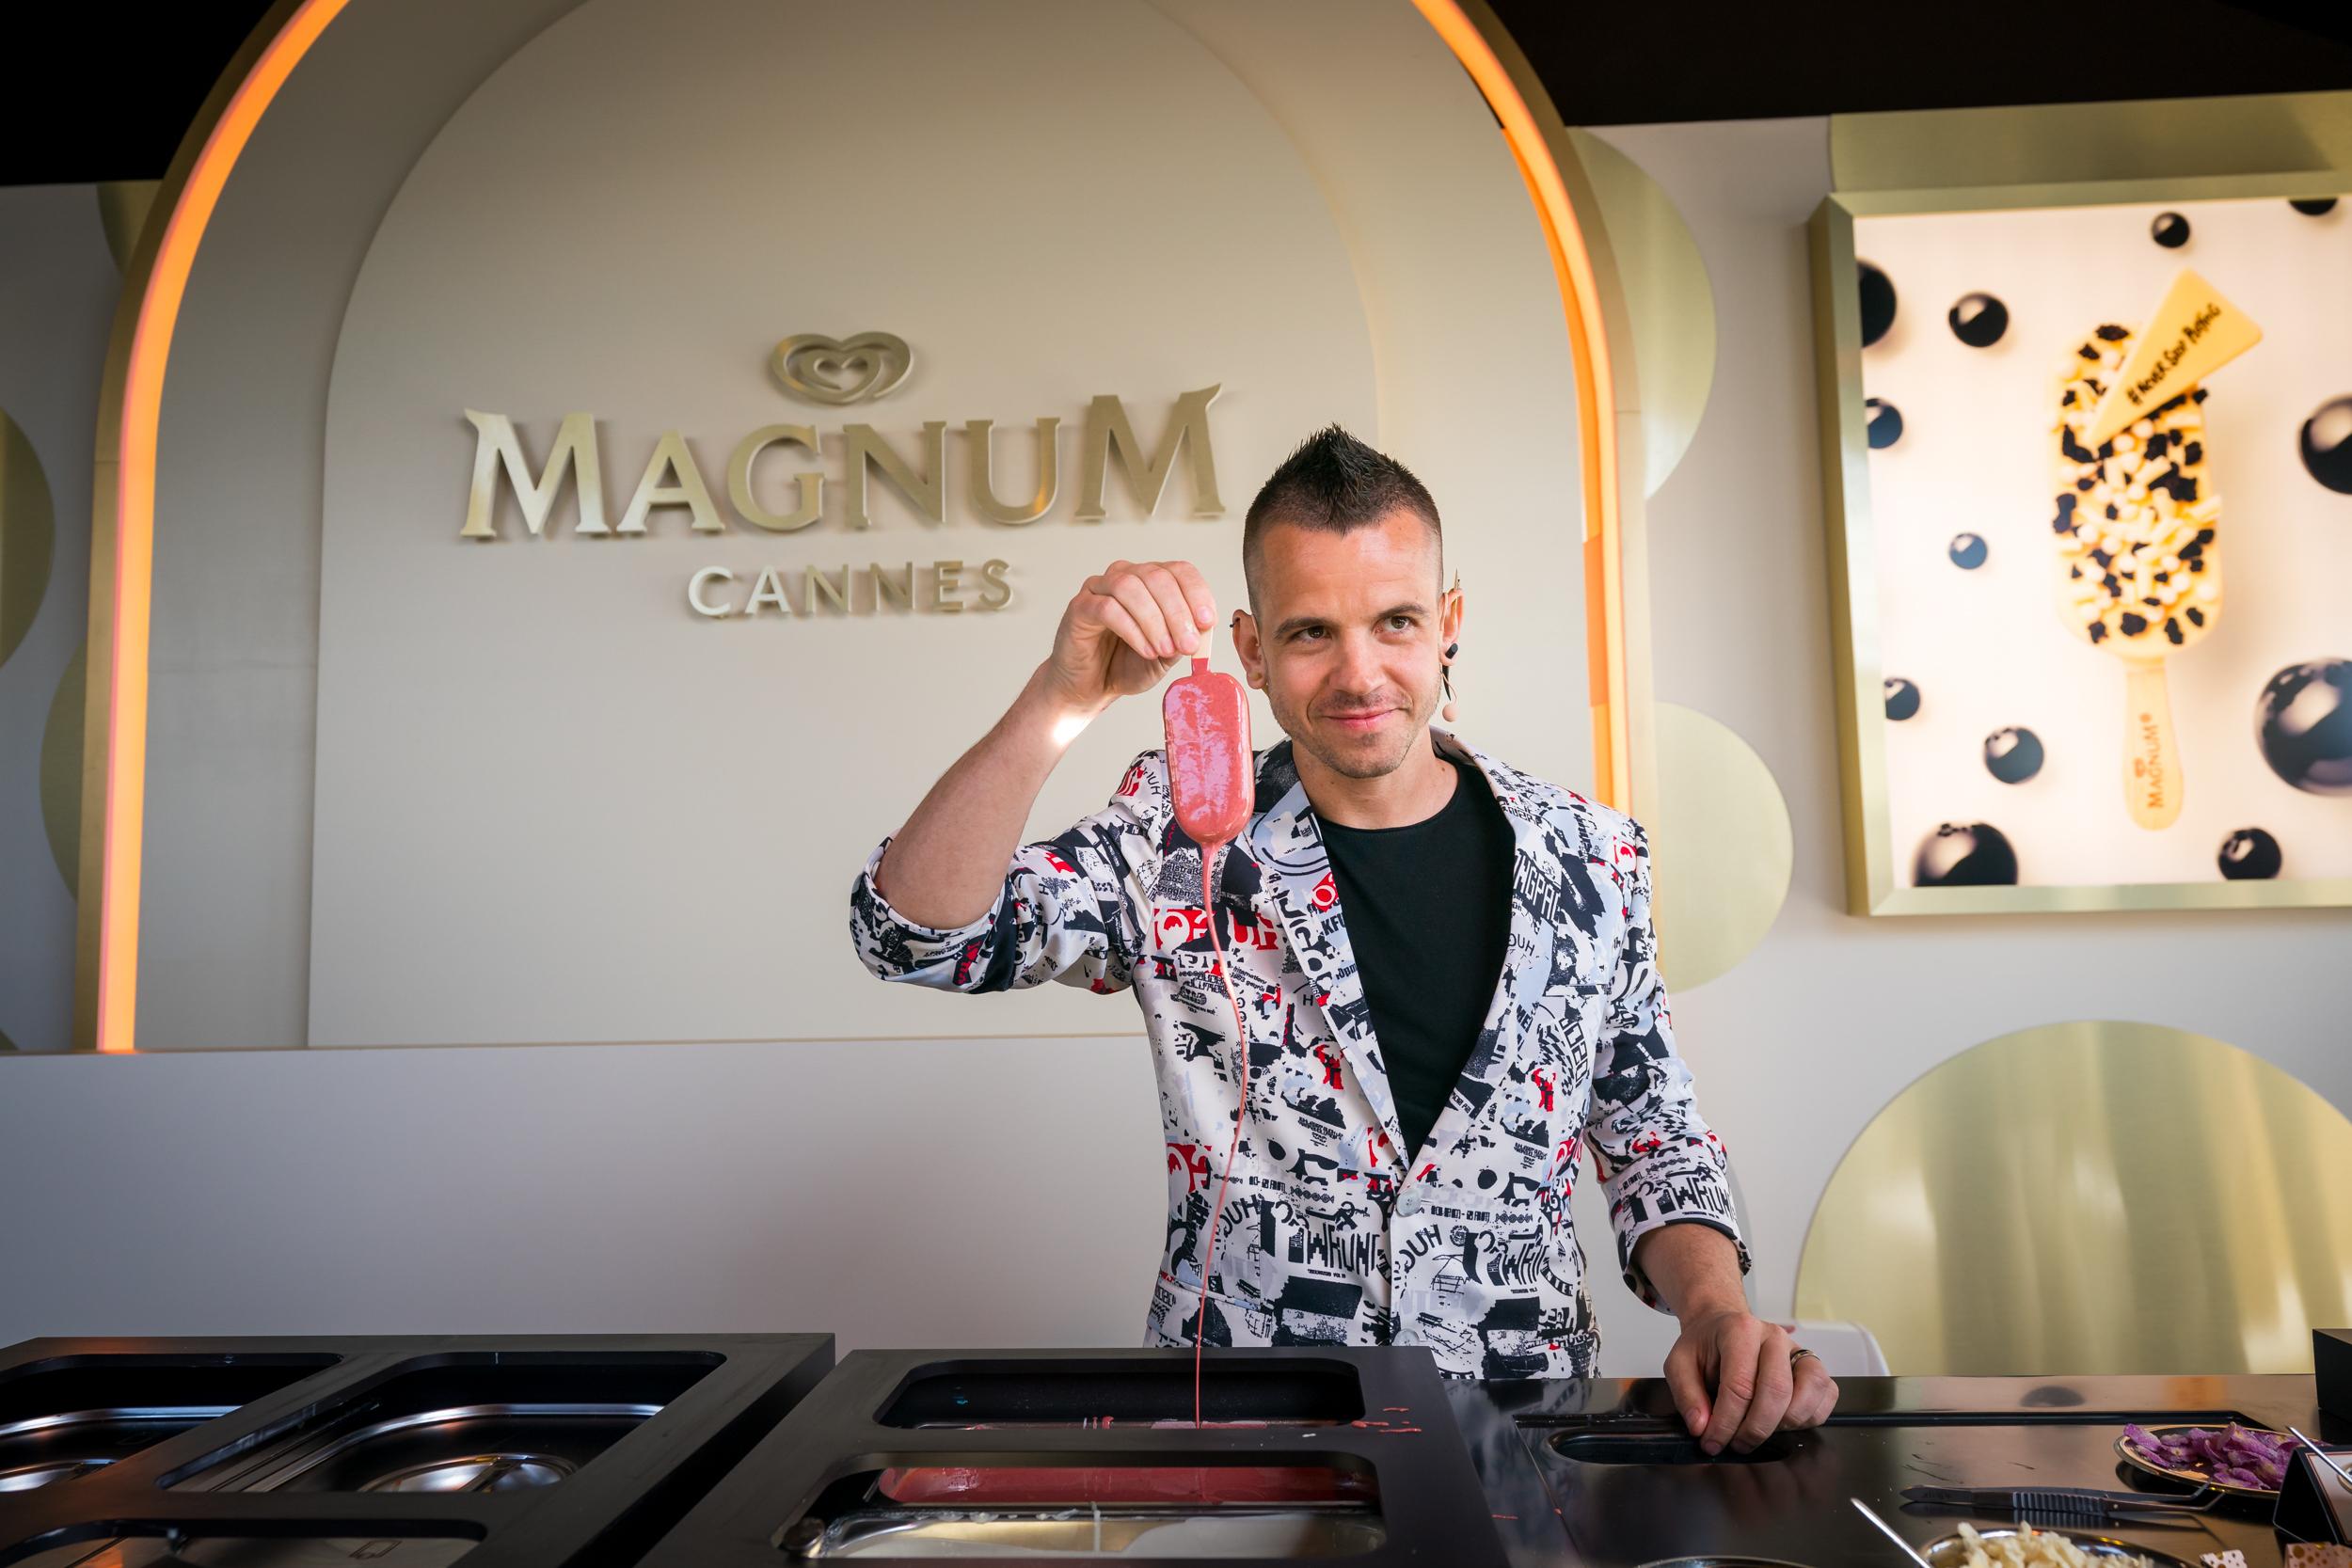 Magnum Cannes 2019_Florian Leger_HD_N°-503.jpg